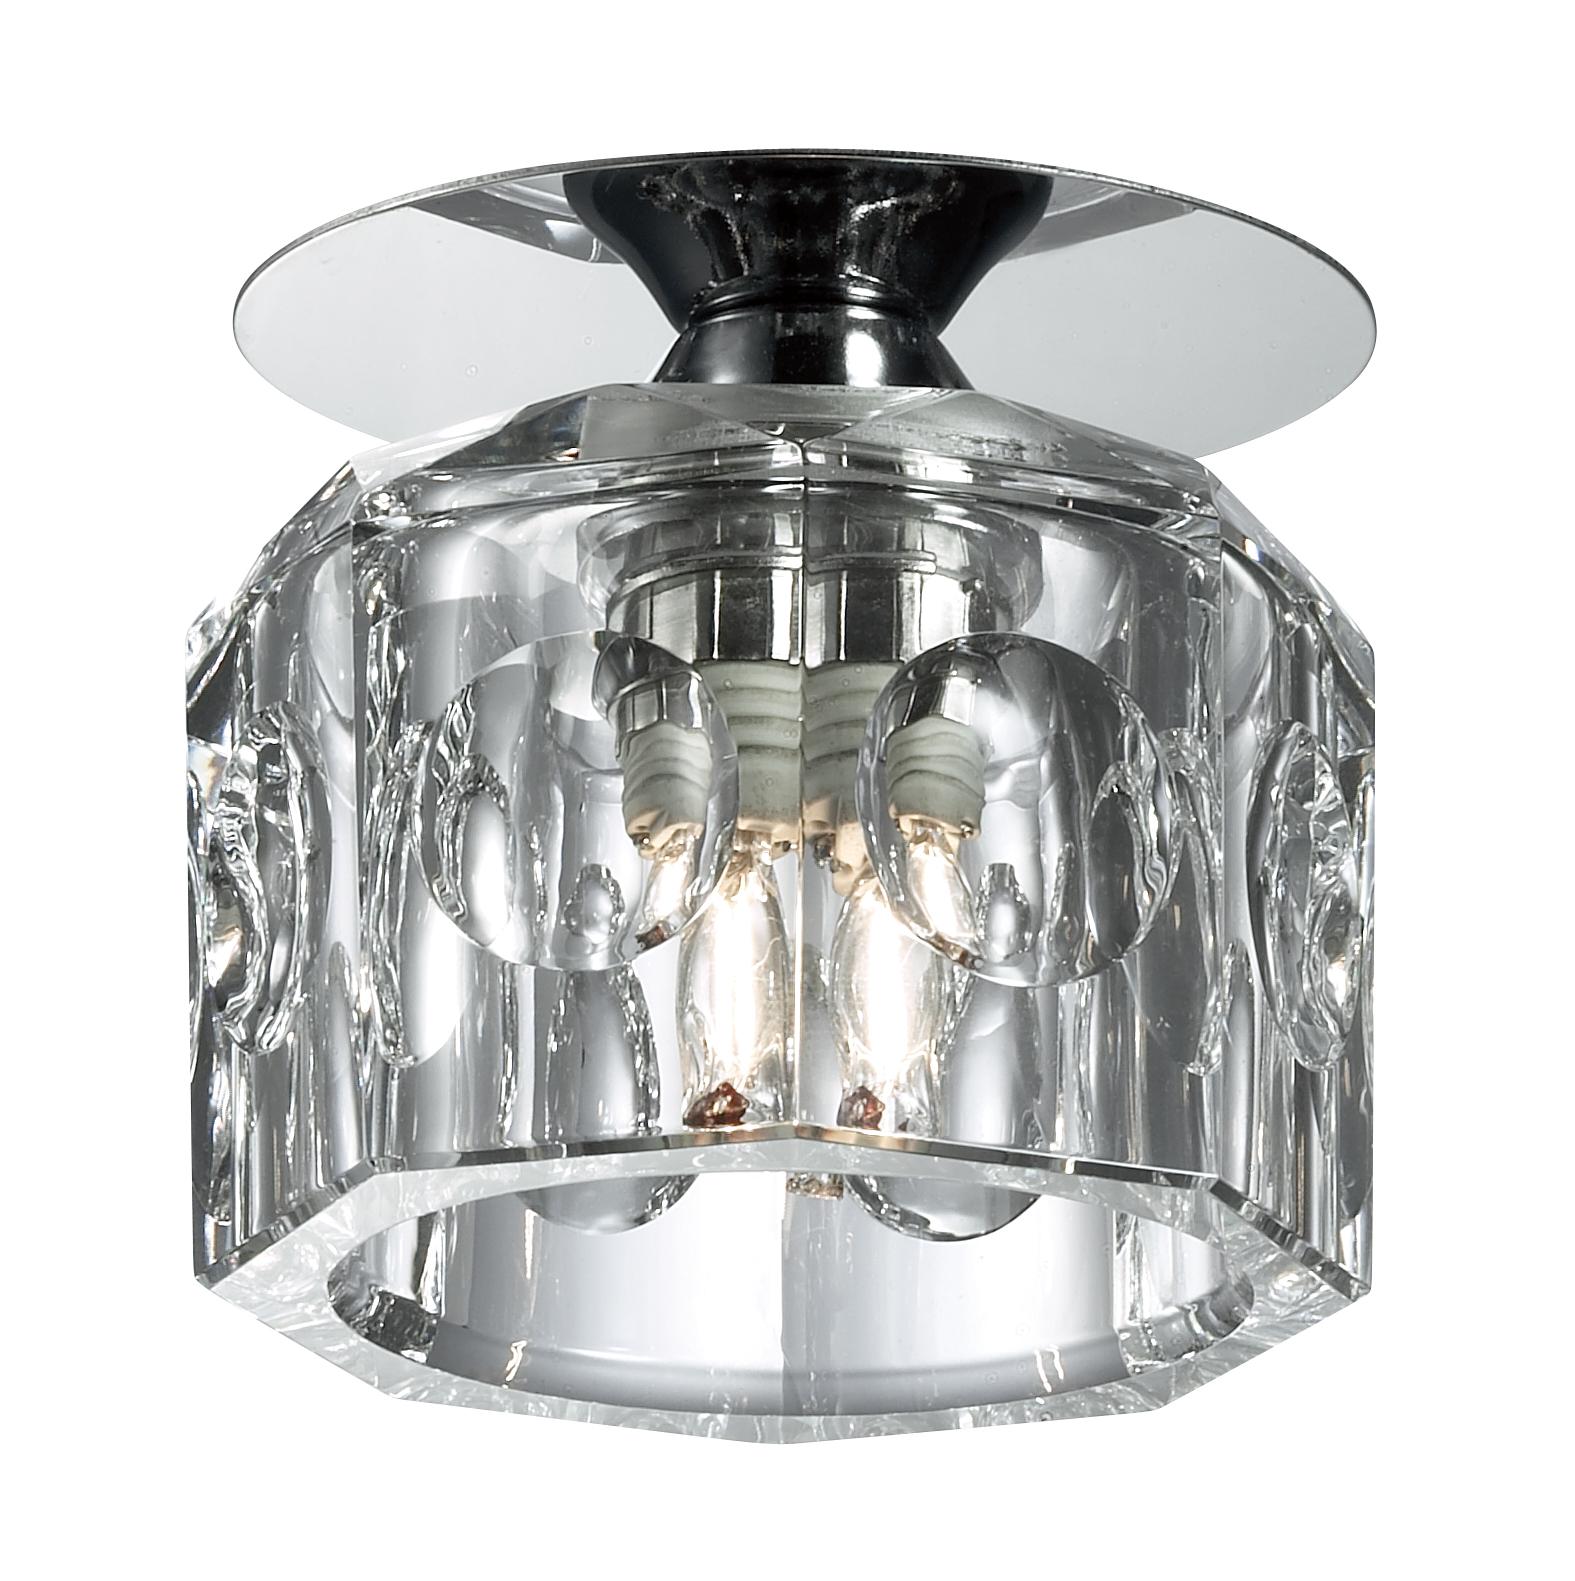 Светильник встраиваемый Novotech Vetro nt11 089 369516 встраиваемый светильник novotech vetro 369517